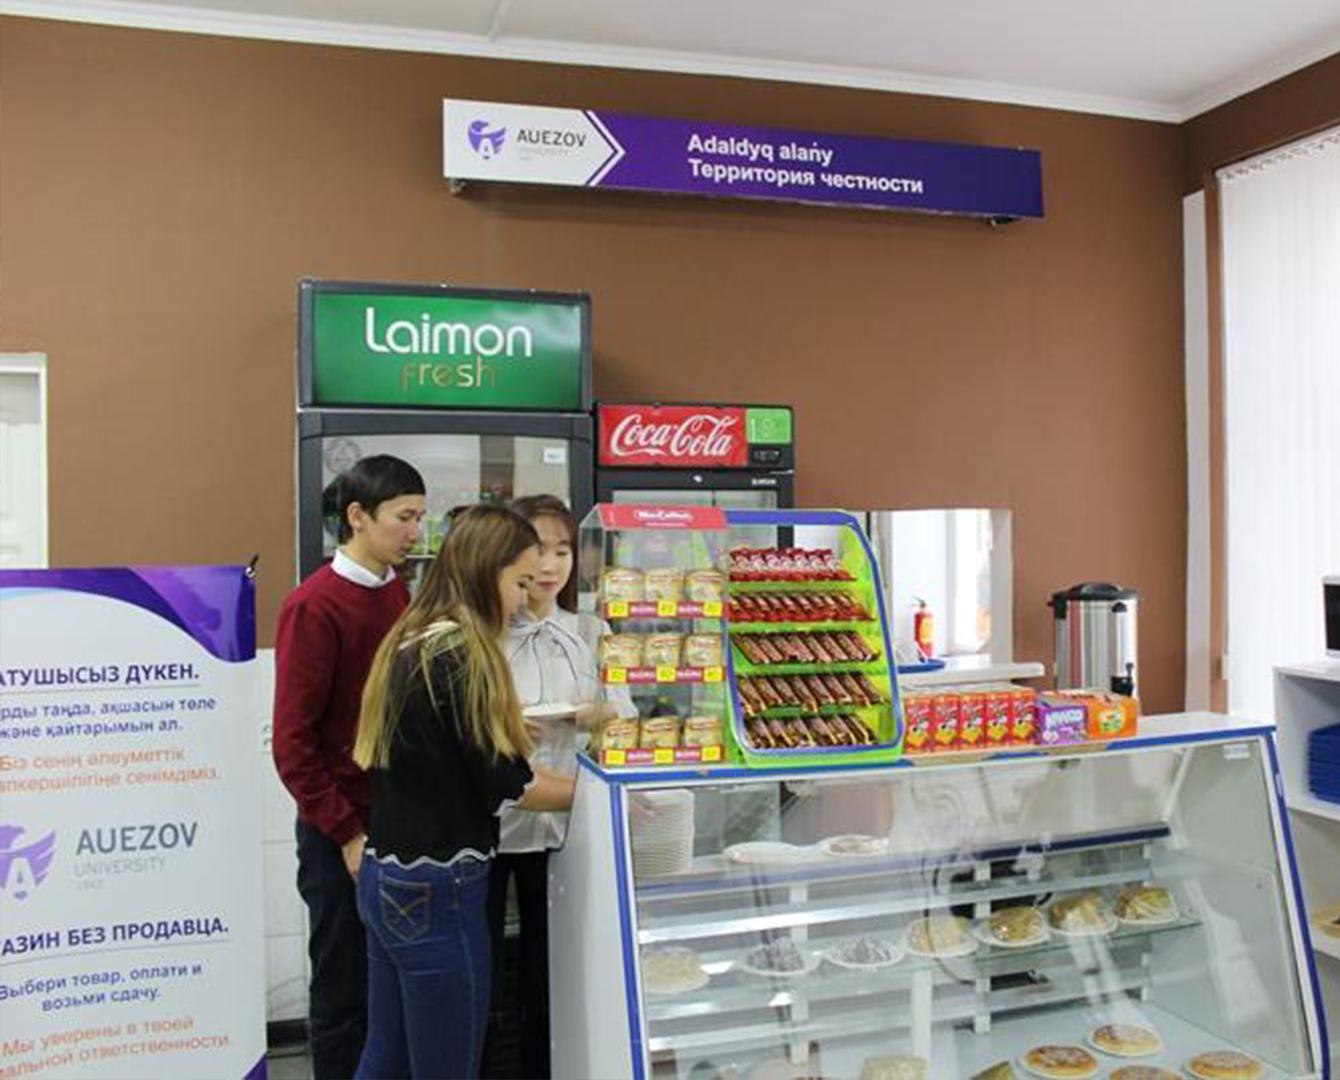 哈萨克斯坦首家无人售货商店在奇姆肯特开业